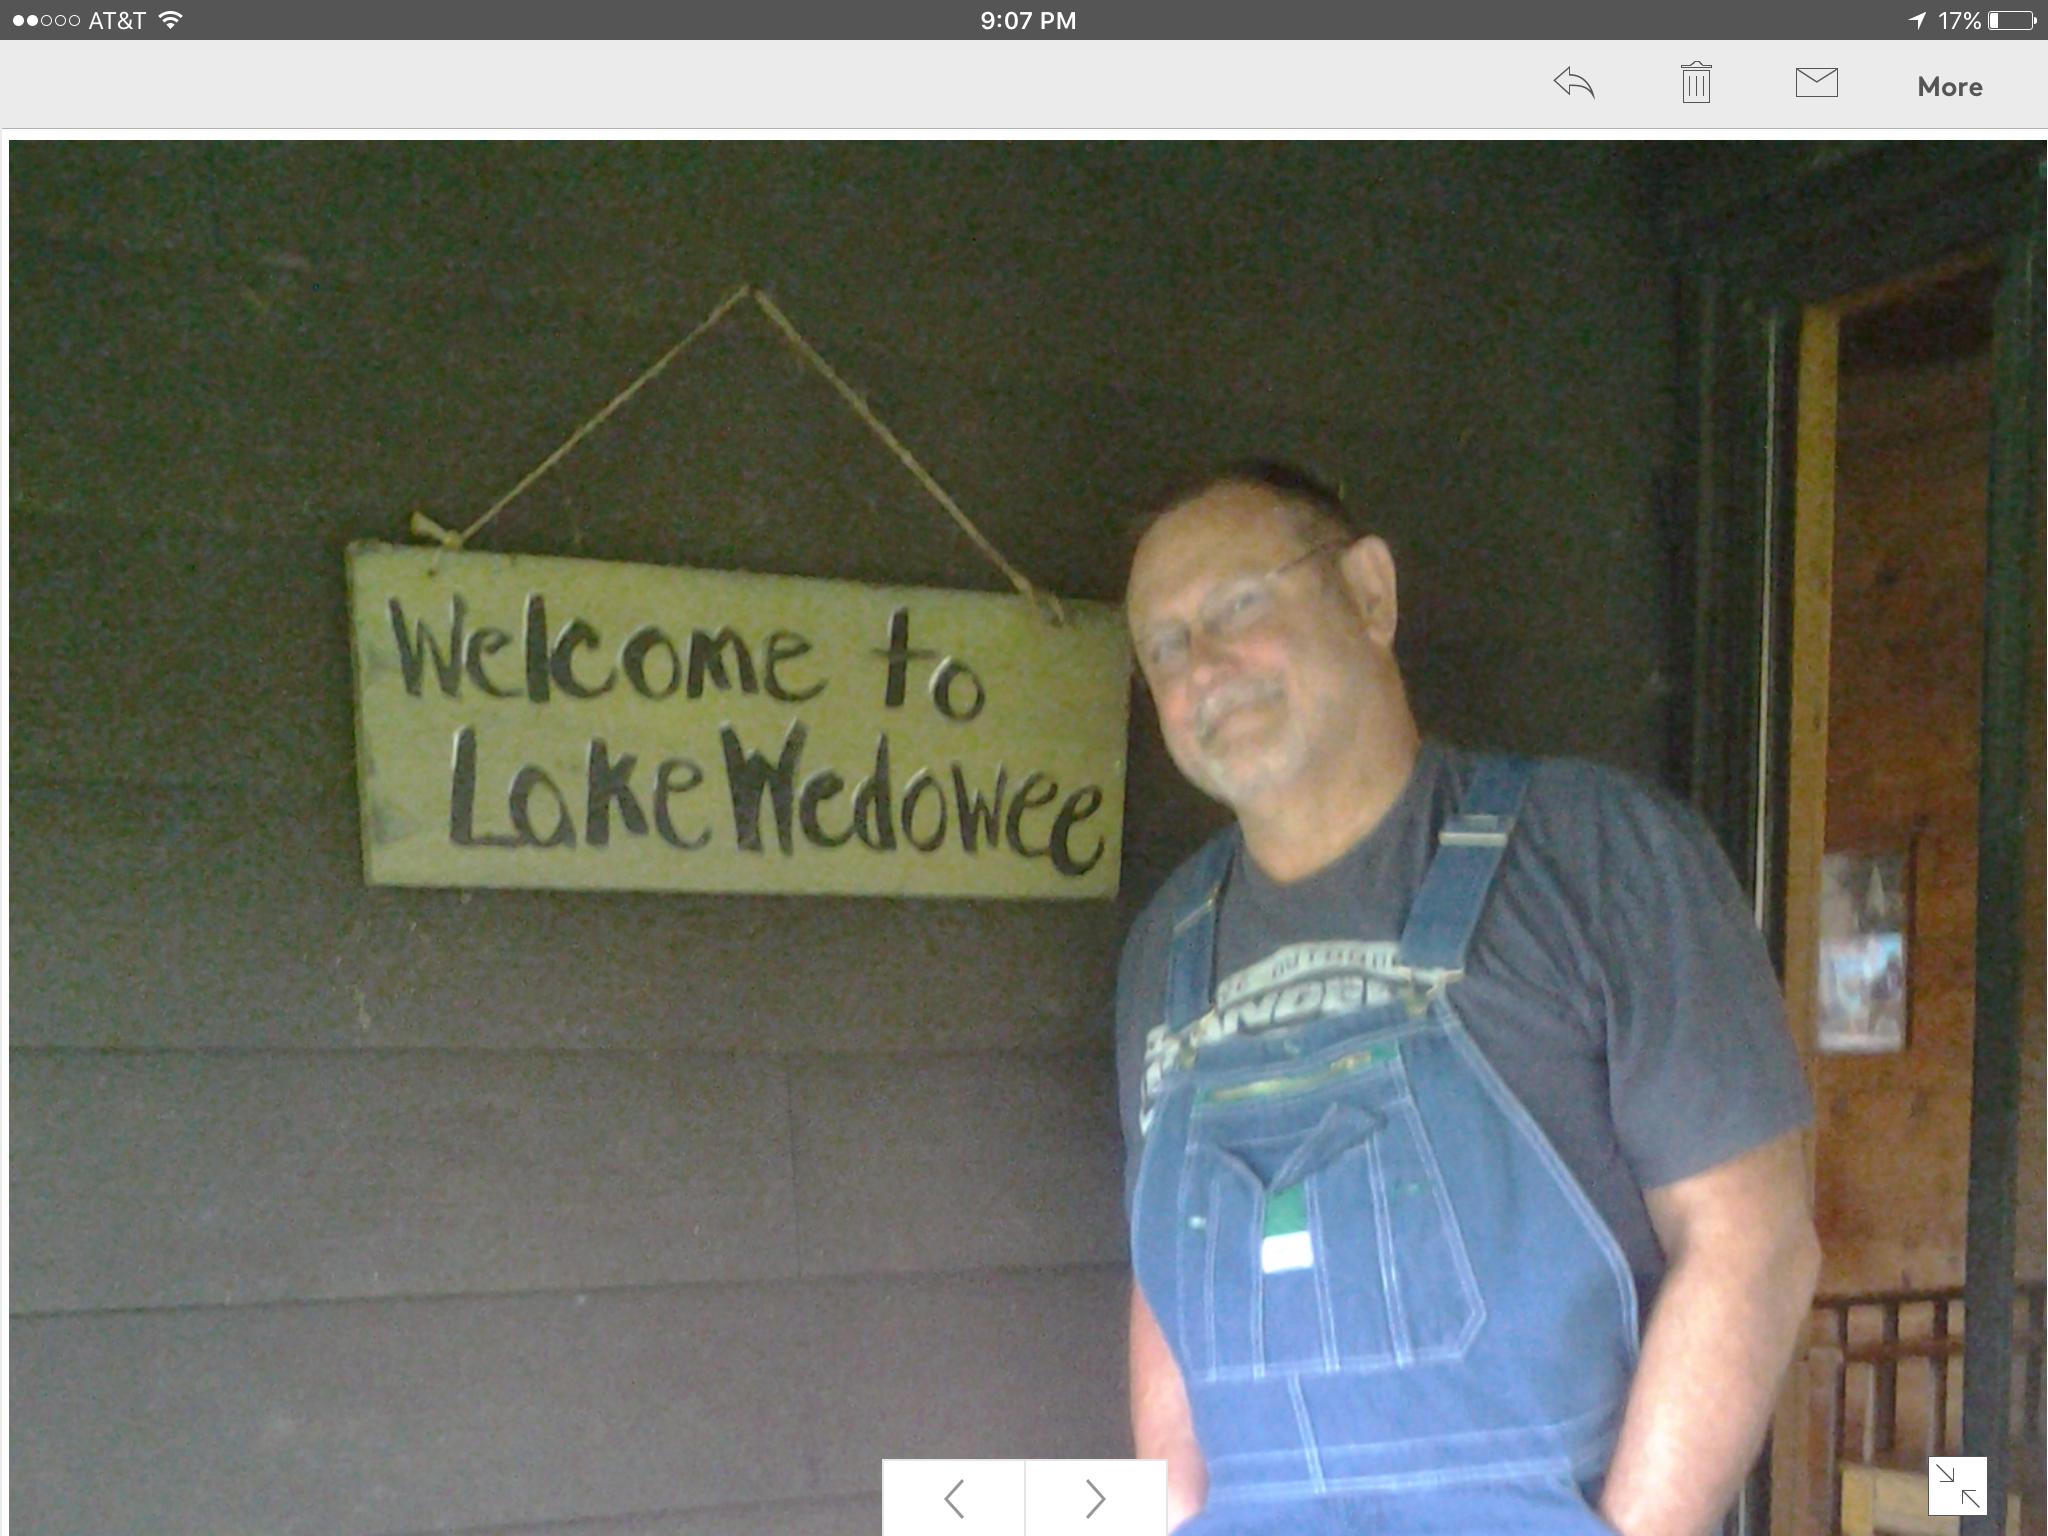 Pin By T Smith On Sweet Water Lake Wedowee Wedowee Lake Olds